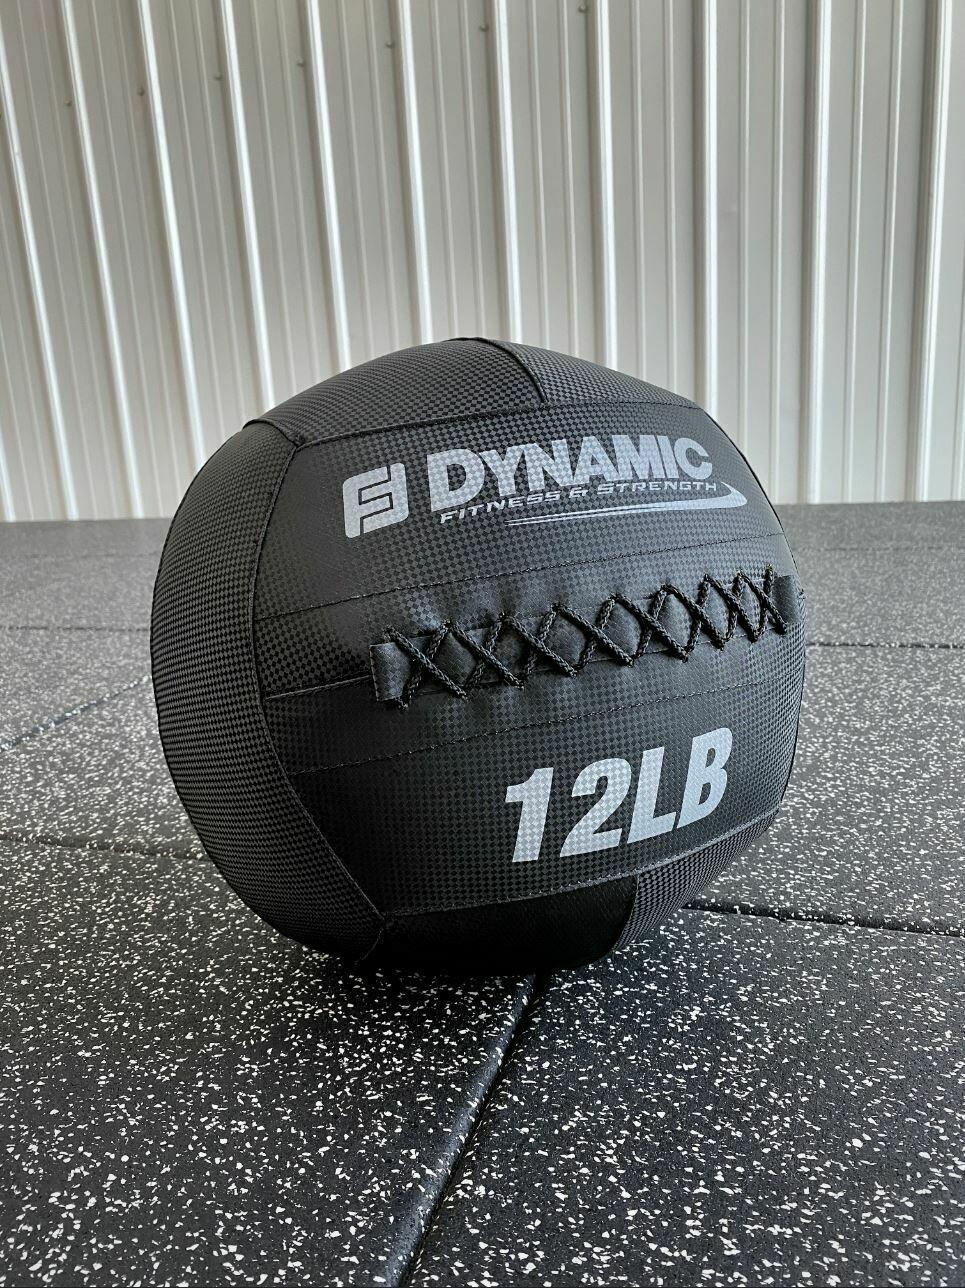 25LB Wall Ball